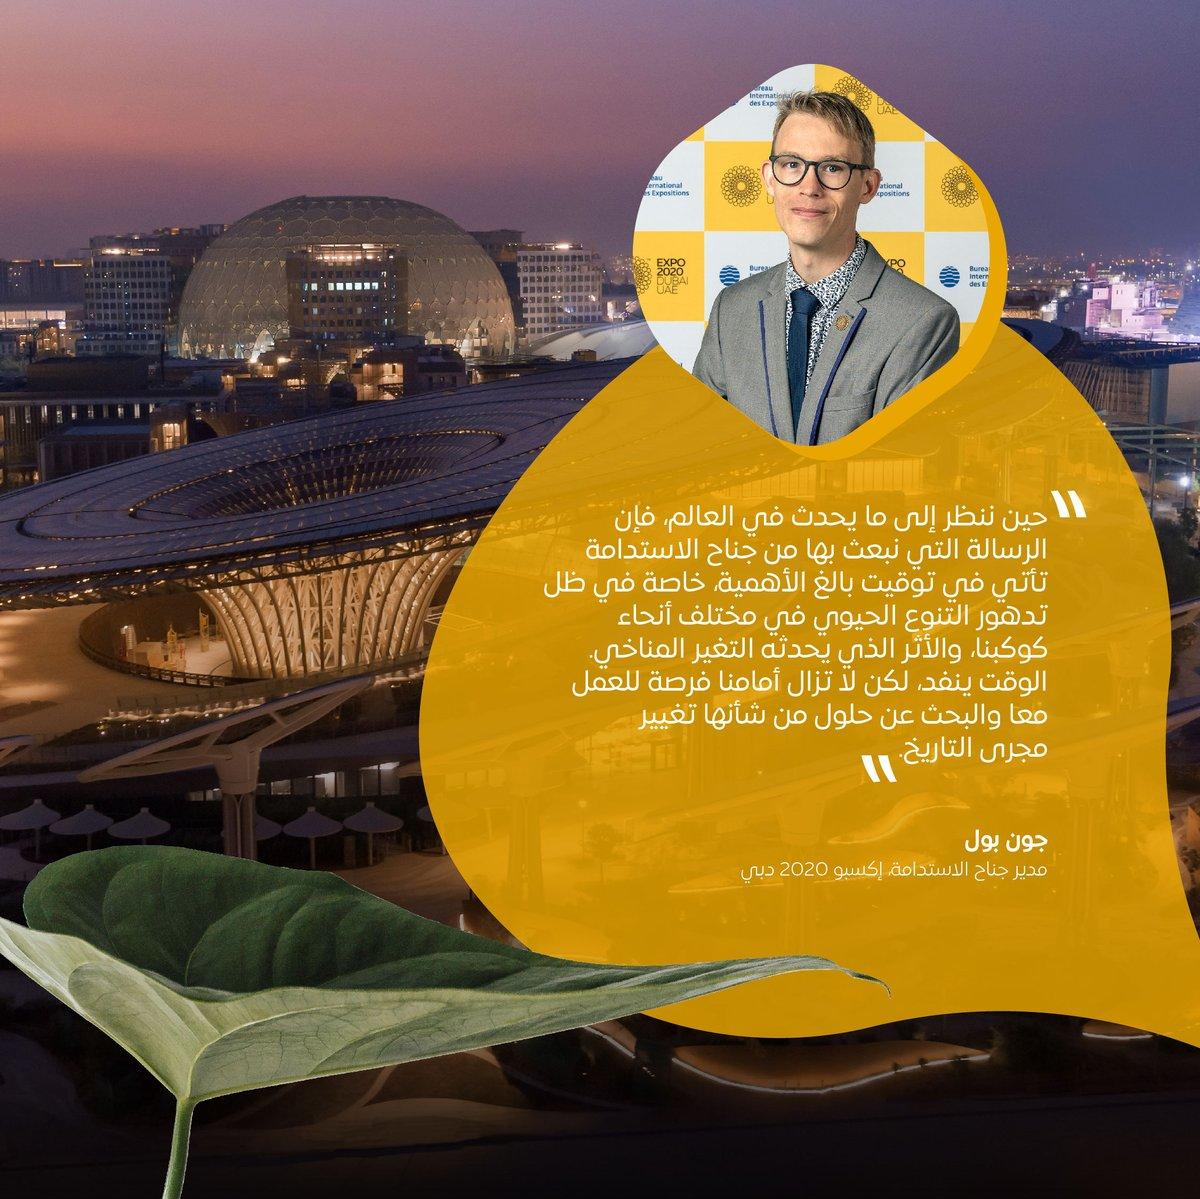 جون بول، مدير جناح الاستدامة في إكسبو 2020 دبي، يناقش كيف يمكن للجناح وللتجربة التي يقدمها للزوار تحفيز التعاون والتحرك الإيجابي. #إكسبو2020 #دبي #الإمارات https://t.co/Lv8EgDaYld